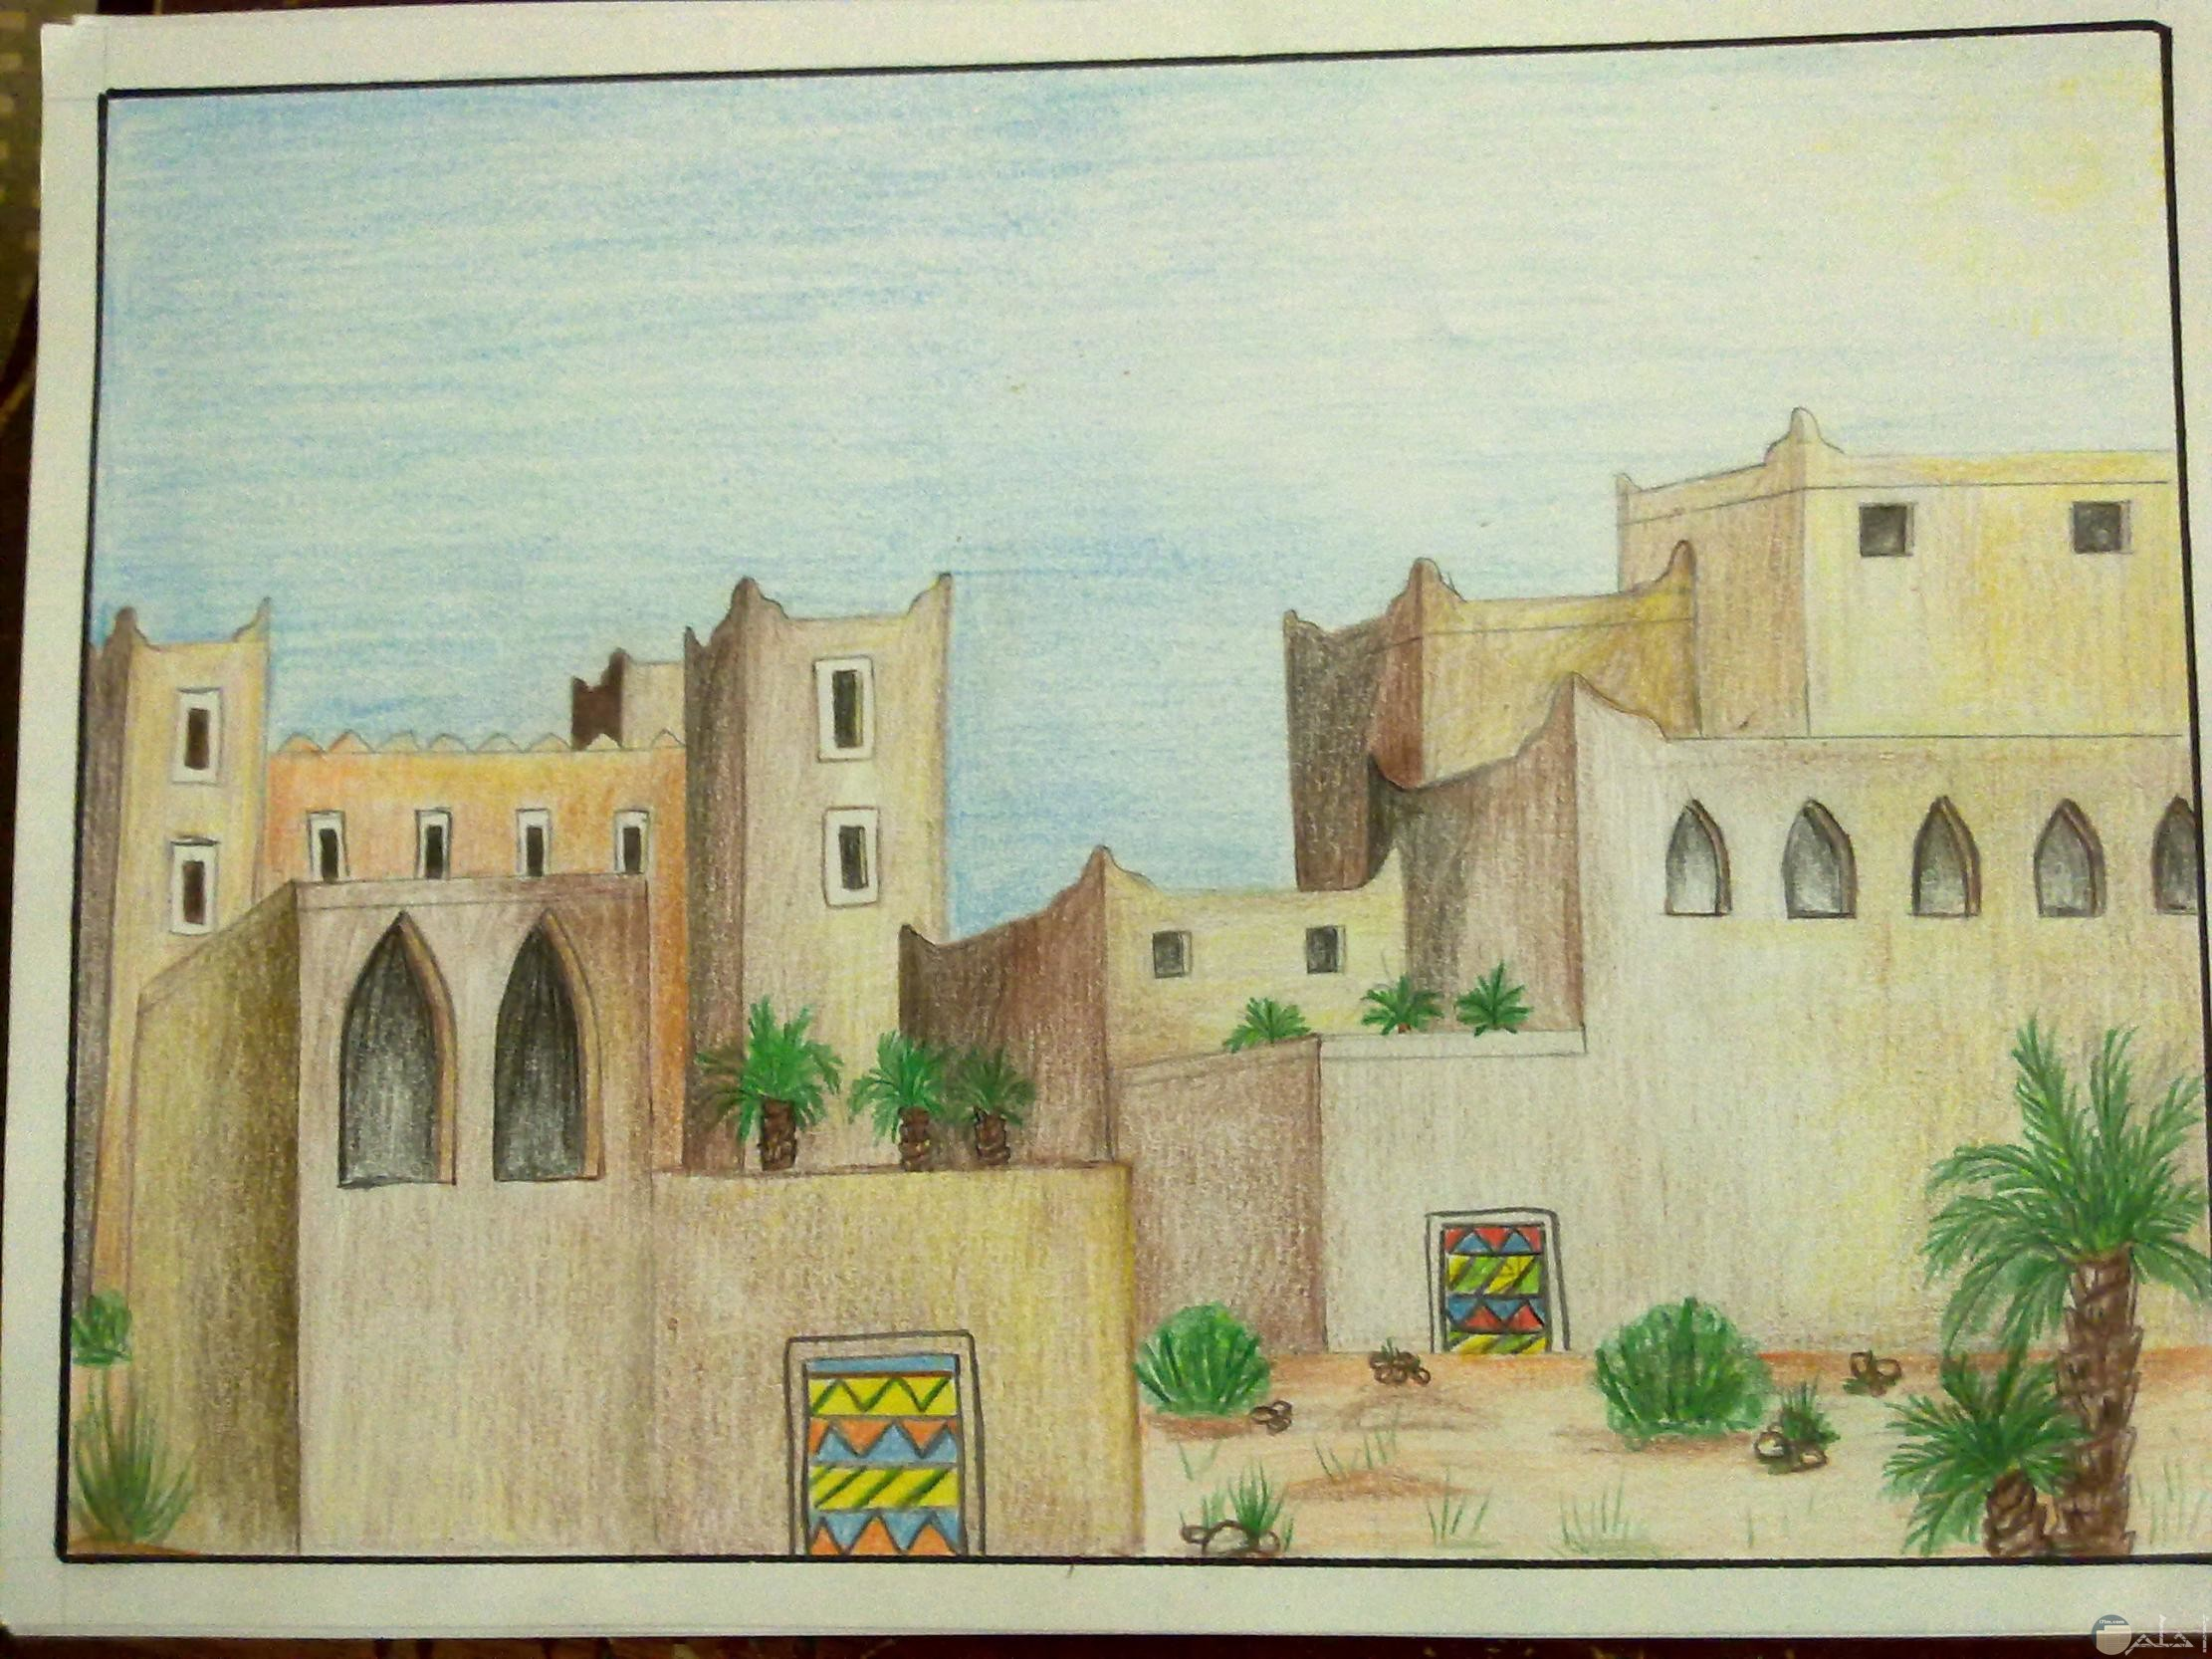 بيوت لها طابع عربي قديم و جميل.